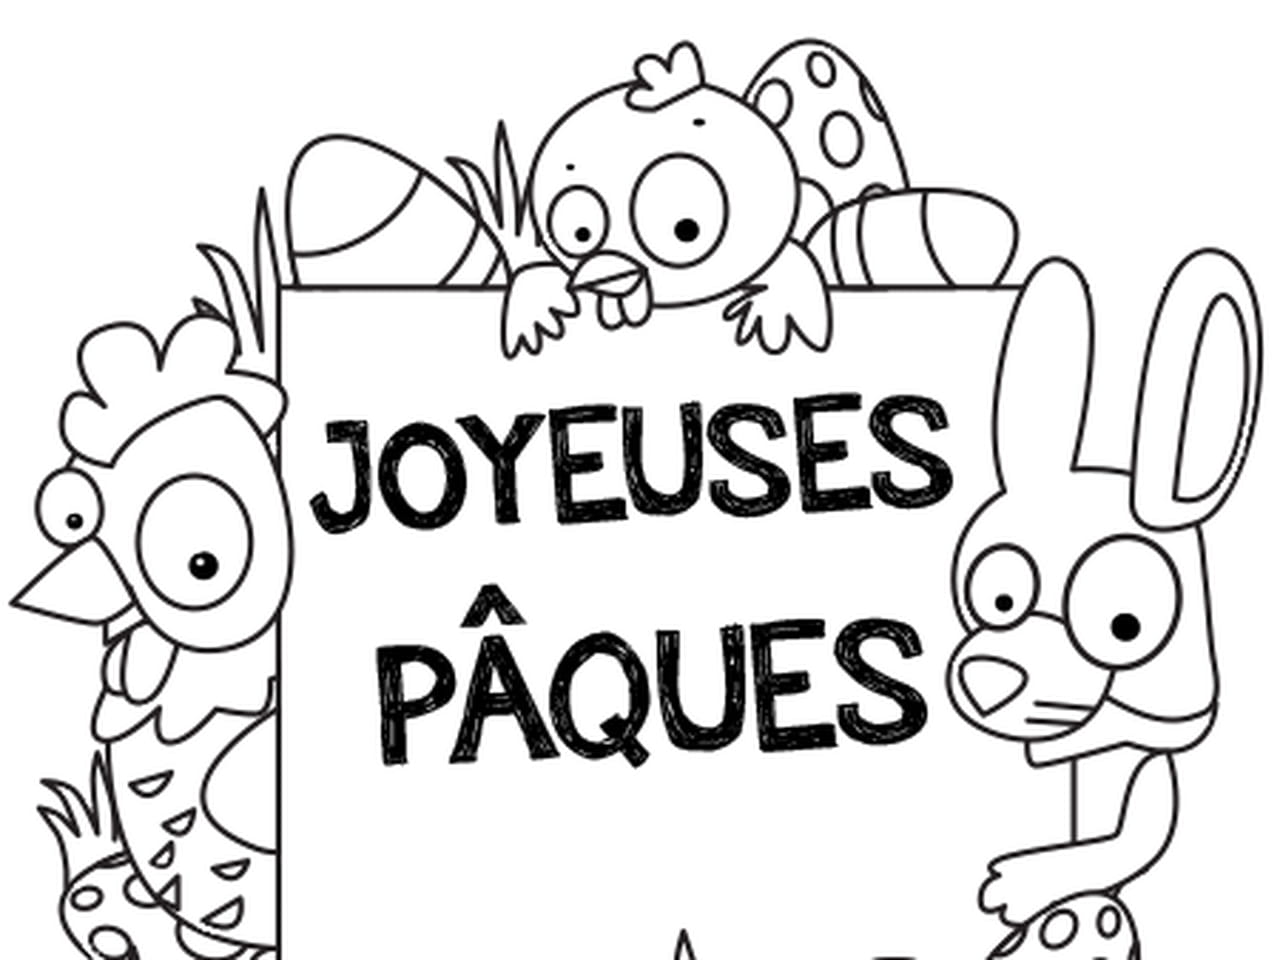 Coloriage Paques Princesse.Coloriage Joyeuses Paques En Ligne Gratuit A Imprimer